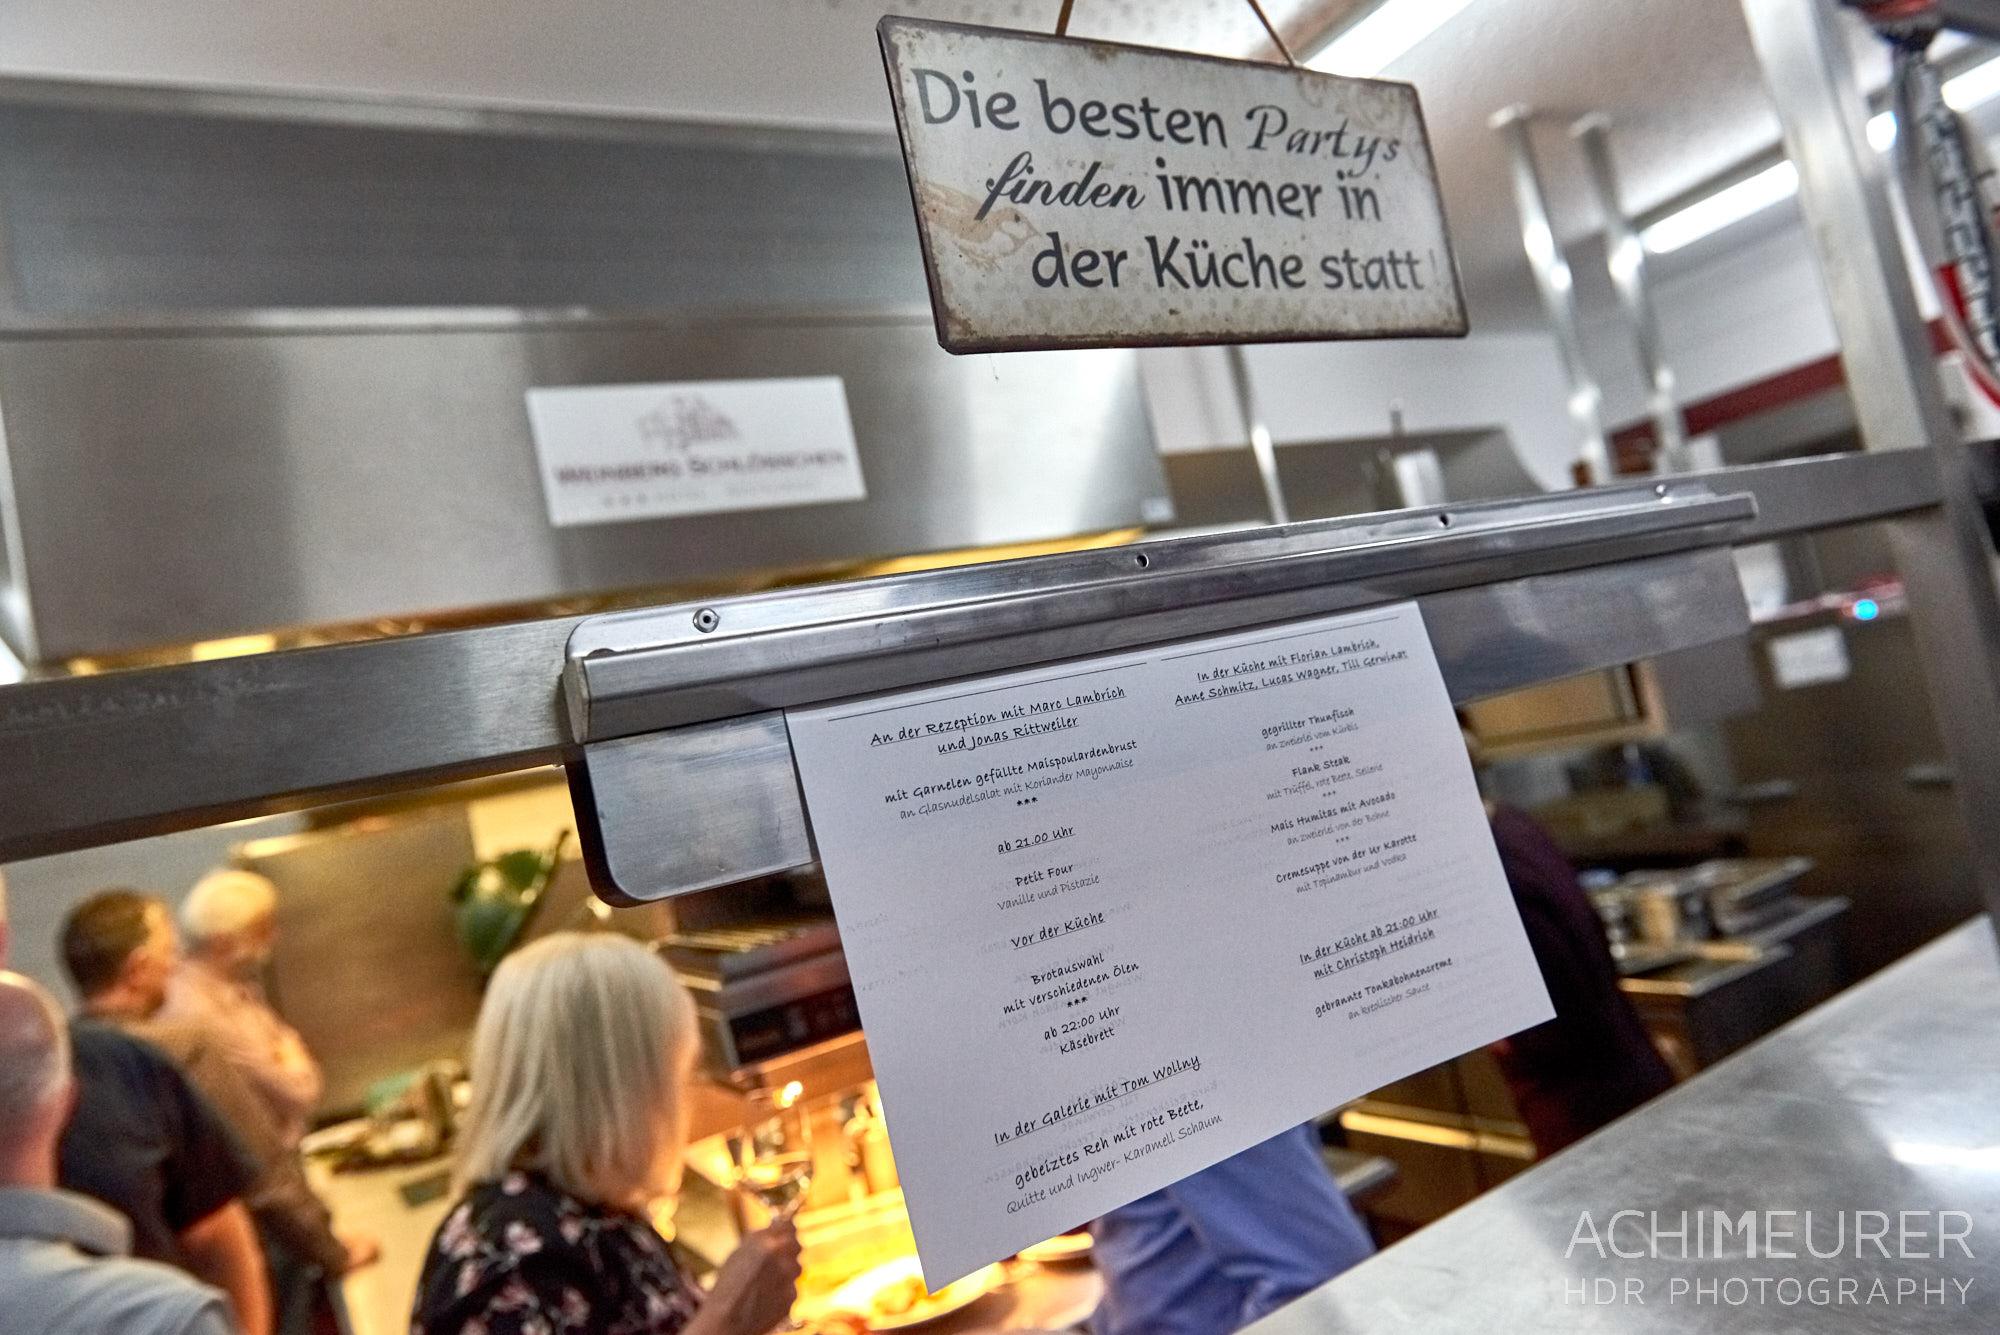 Weinbergschloesschen-Kuechenparty-Food_6907 by AchimMeurer.com .